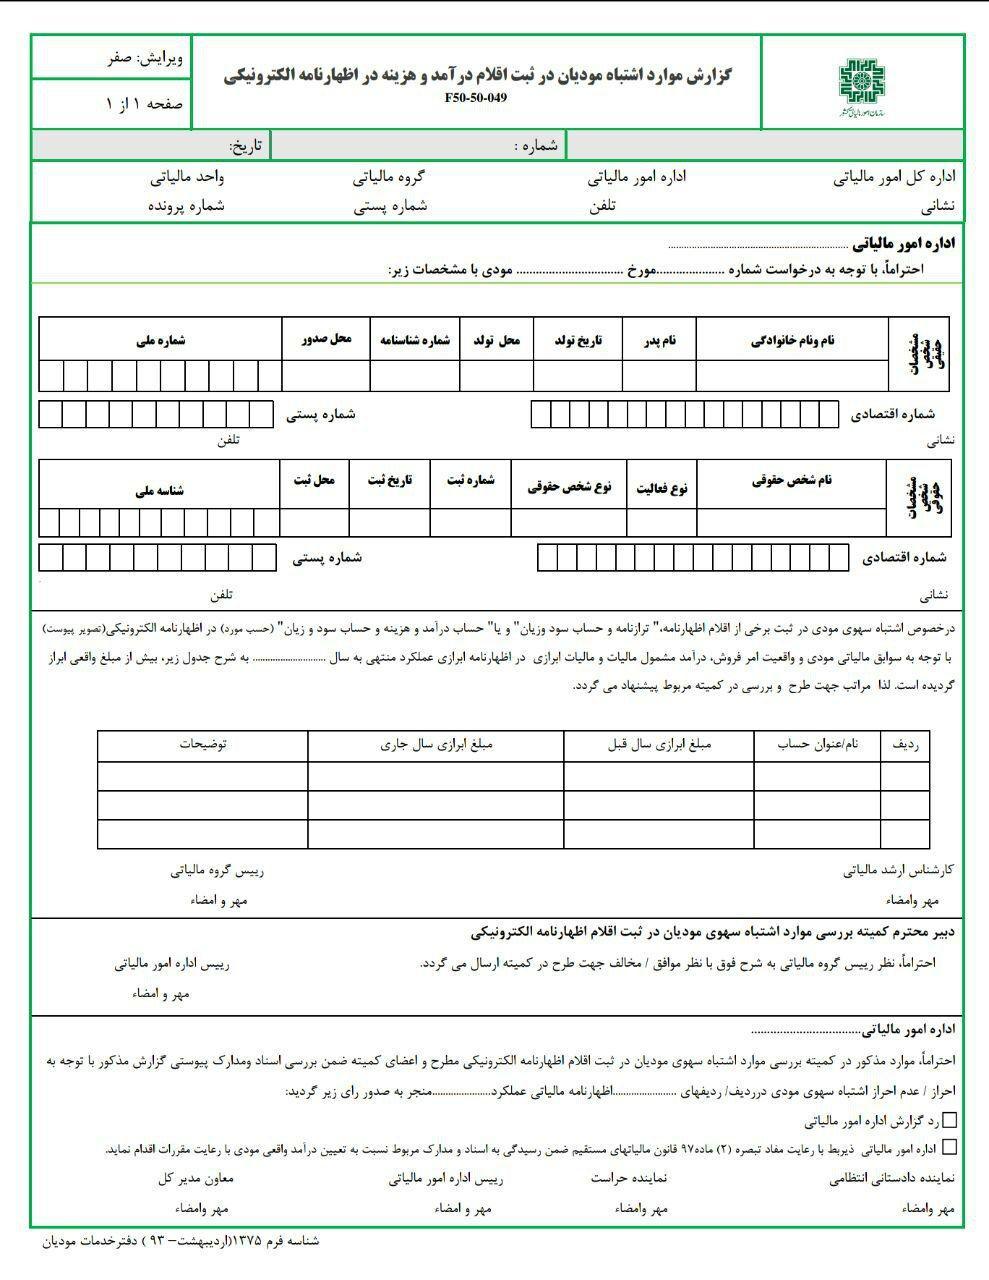 فرم گزارش موارد اشتباه سهوی ثبت درآمد و هزینه در اظهارنامه الکترونیکی